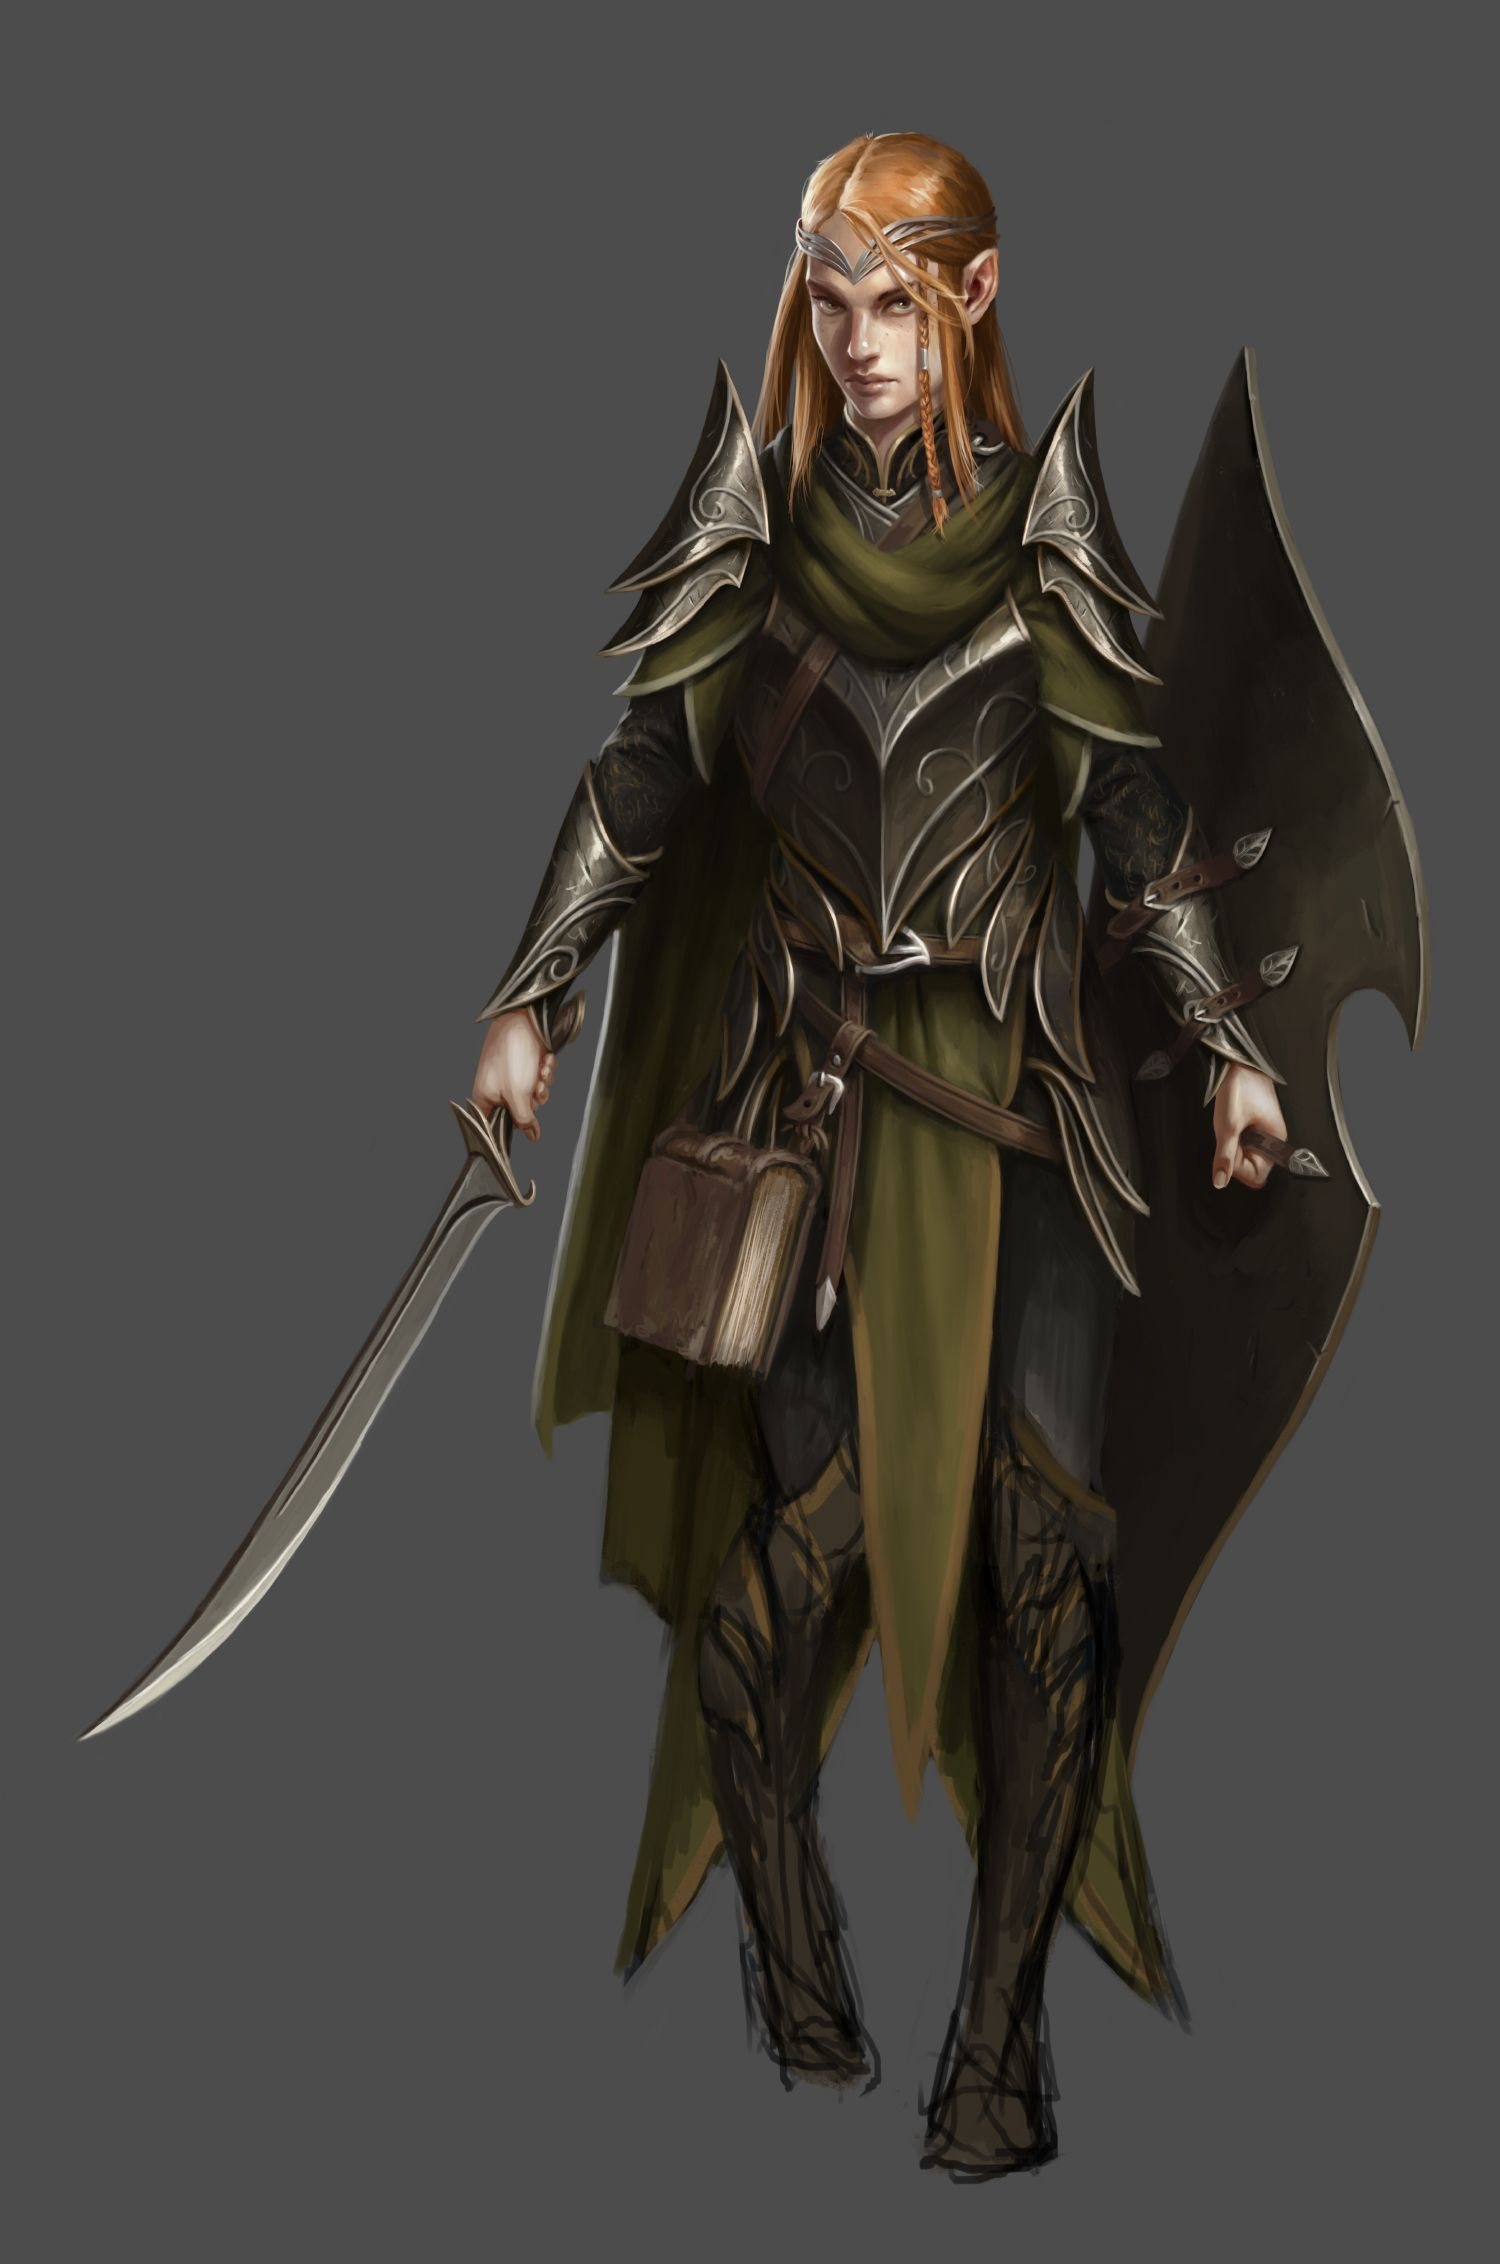 Vastriel - The Hobbit: Kingdoms of Middle-earth © Kabam